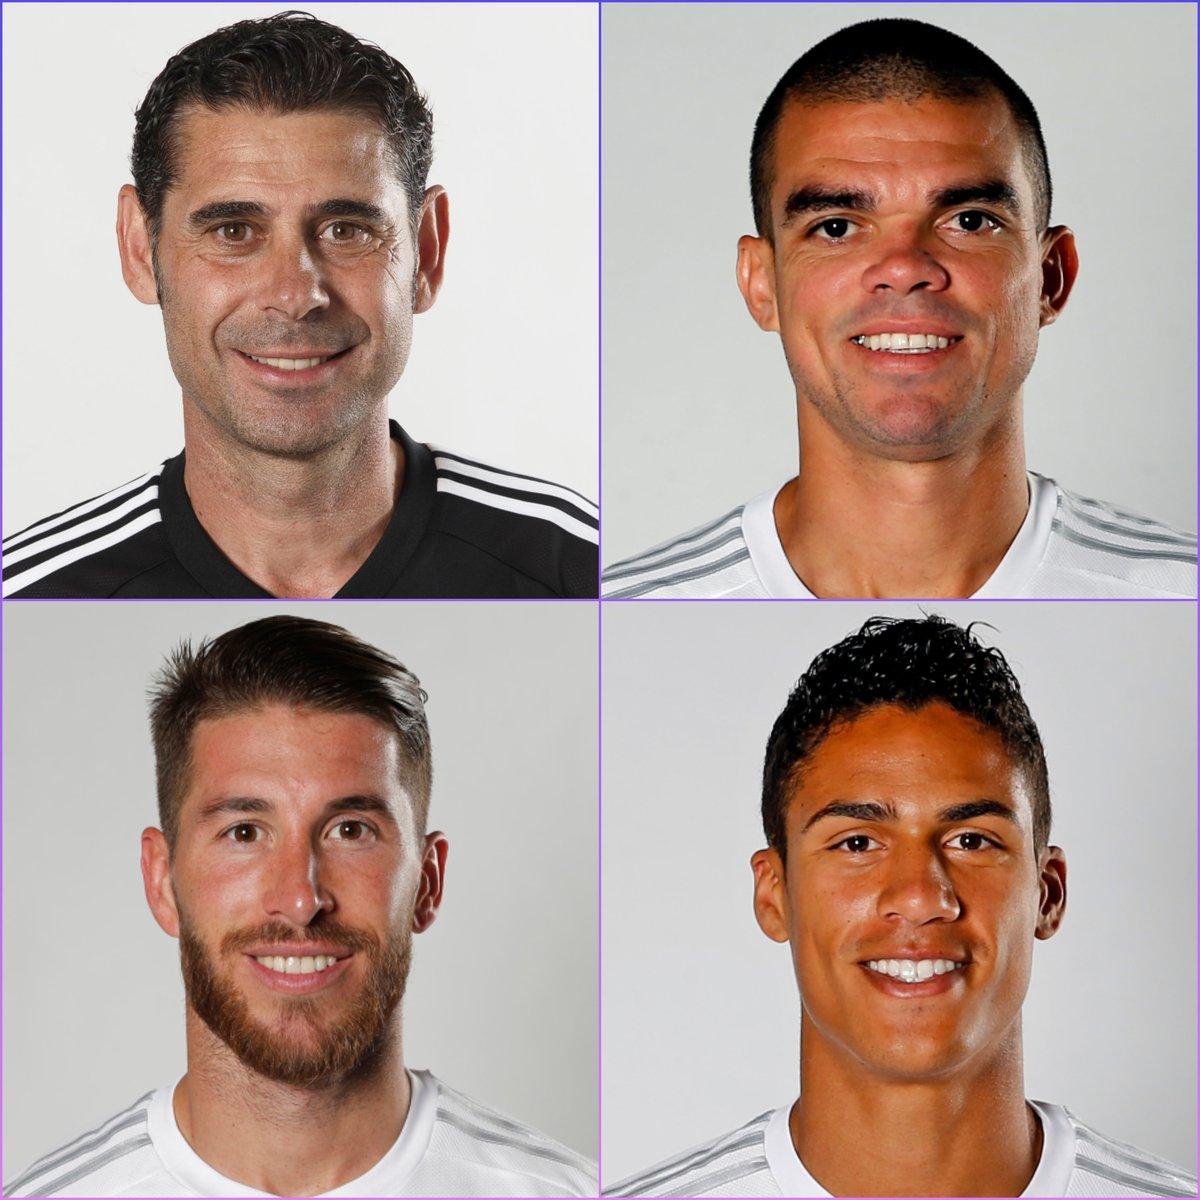 @officialpepe @realmadrid 𝐆𝐑𝐀𝐍𝐃𝐄𝐒 defensas de la historia reciente del Real Madrid    Tus 2⃣ preferidos son ____ y ____ 🤔  #UCL | @realmadrid https://t.co/Kzf25Gyihp